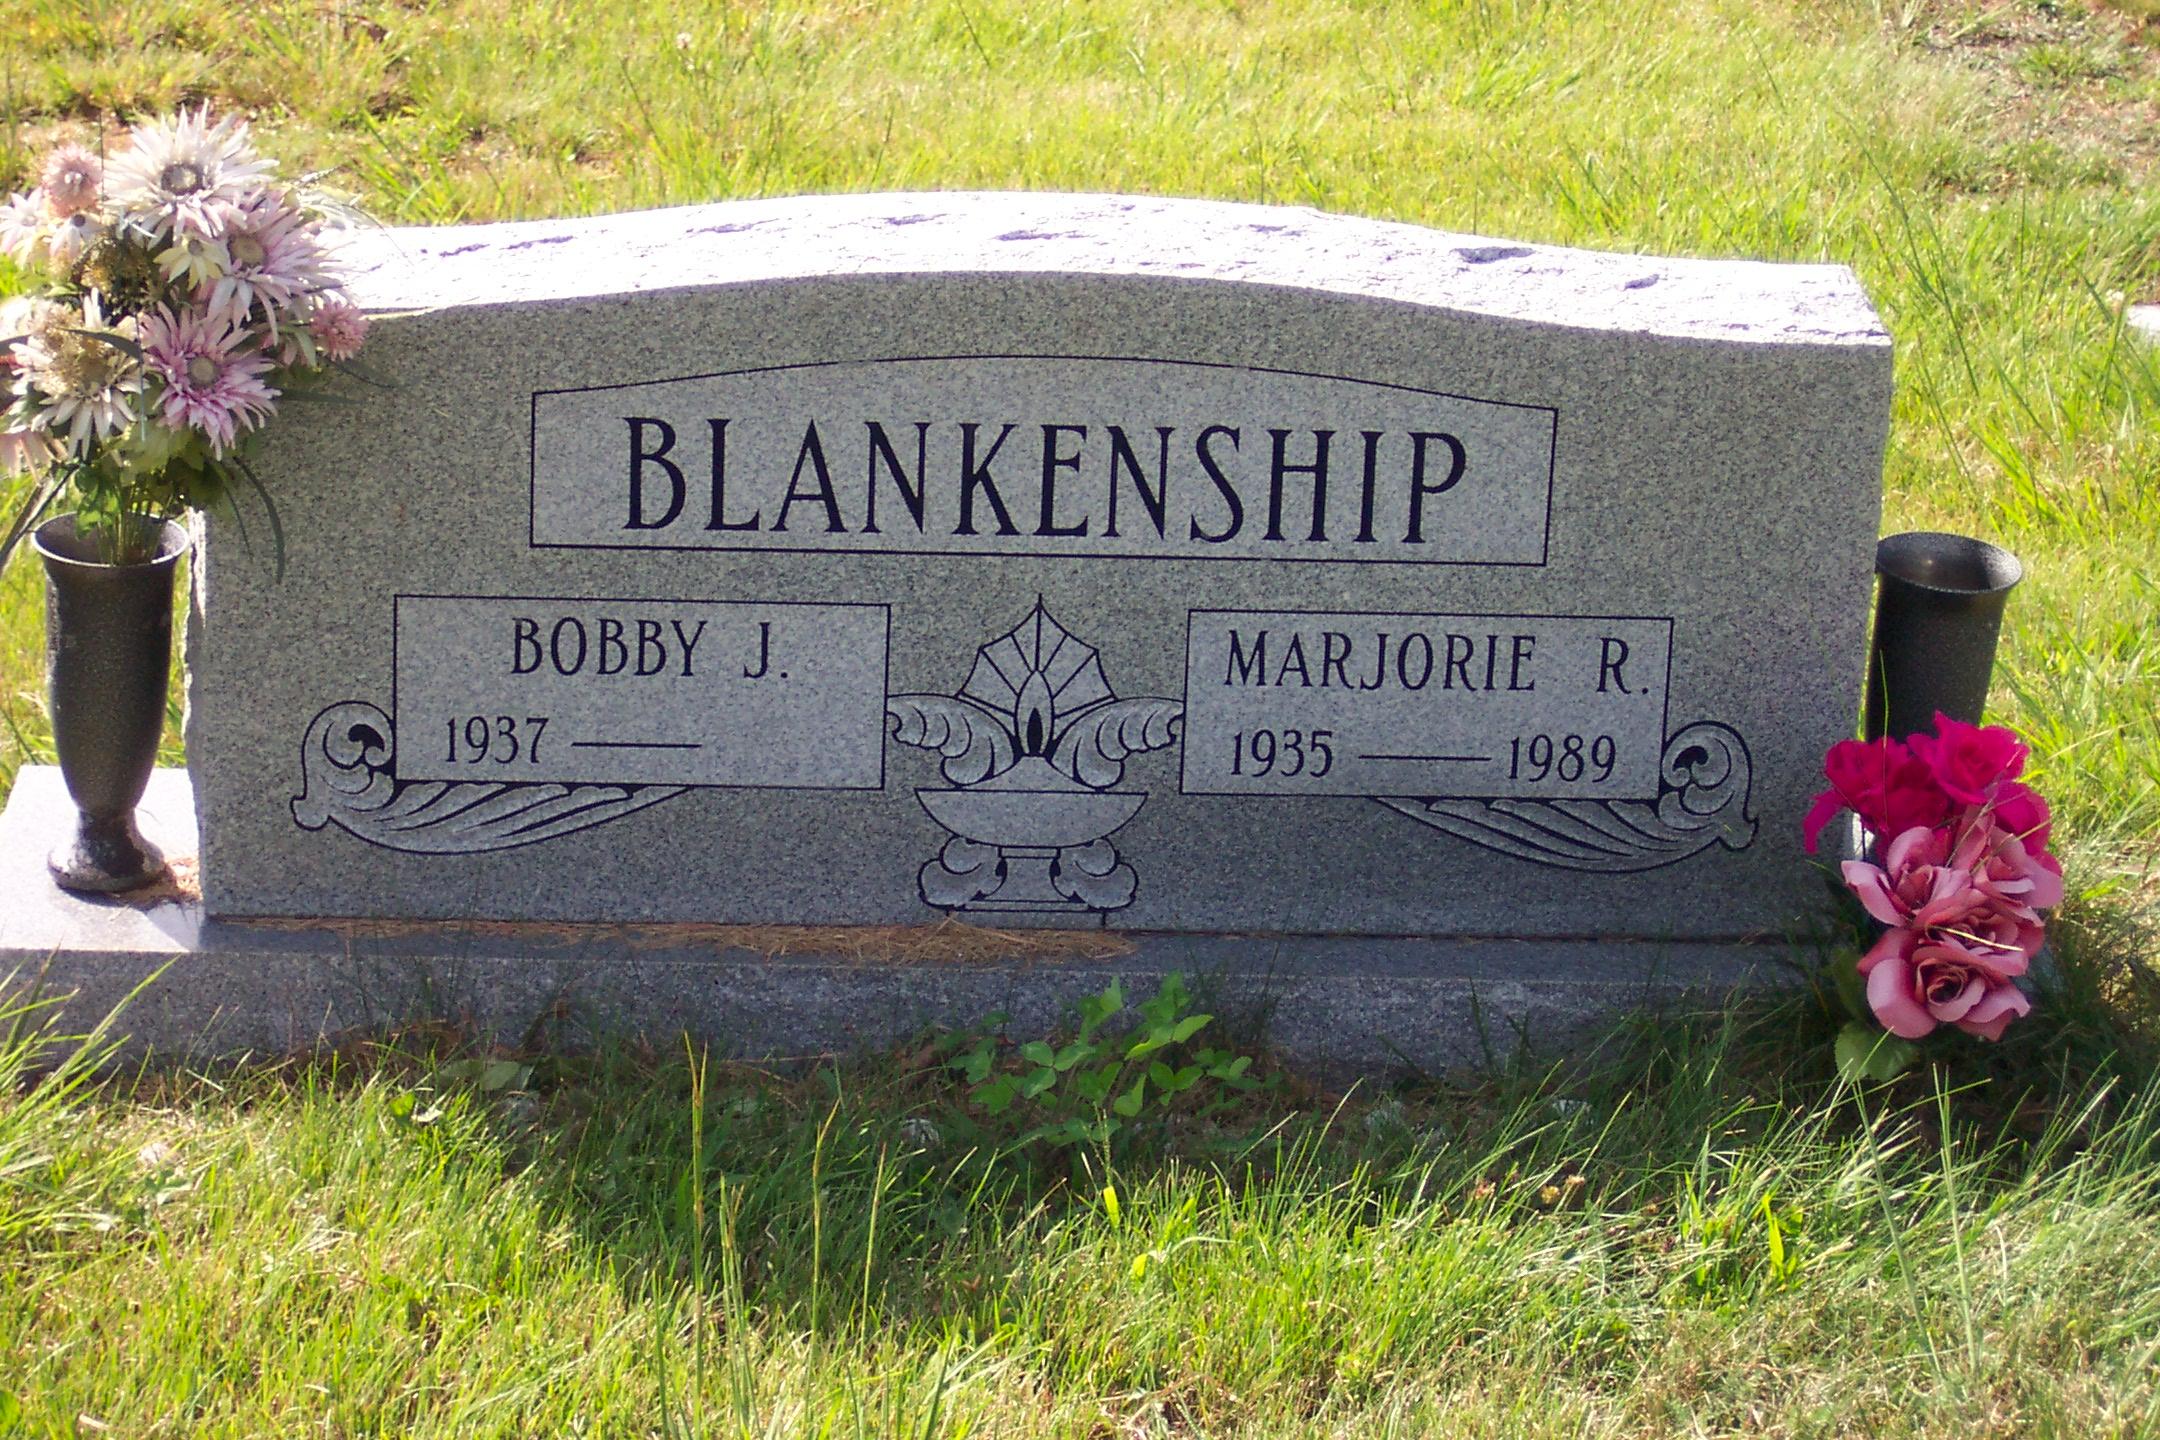 Marjorie R. Blankenship